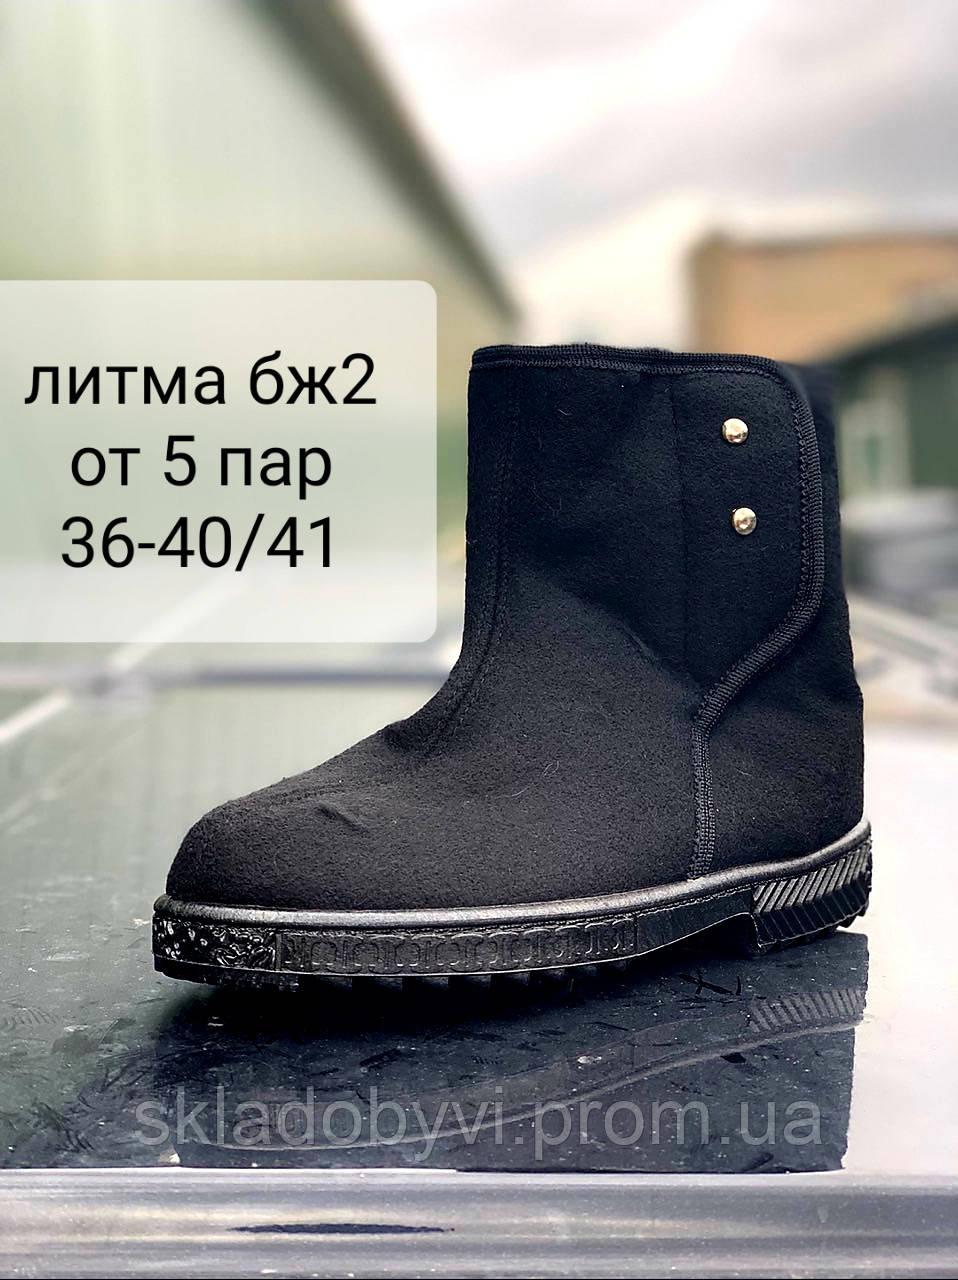 ЖЕНСКИЕ САПОГИ Литма бж2